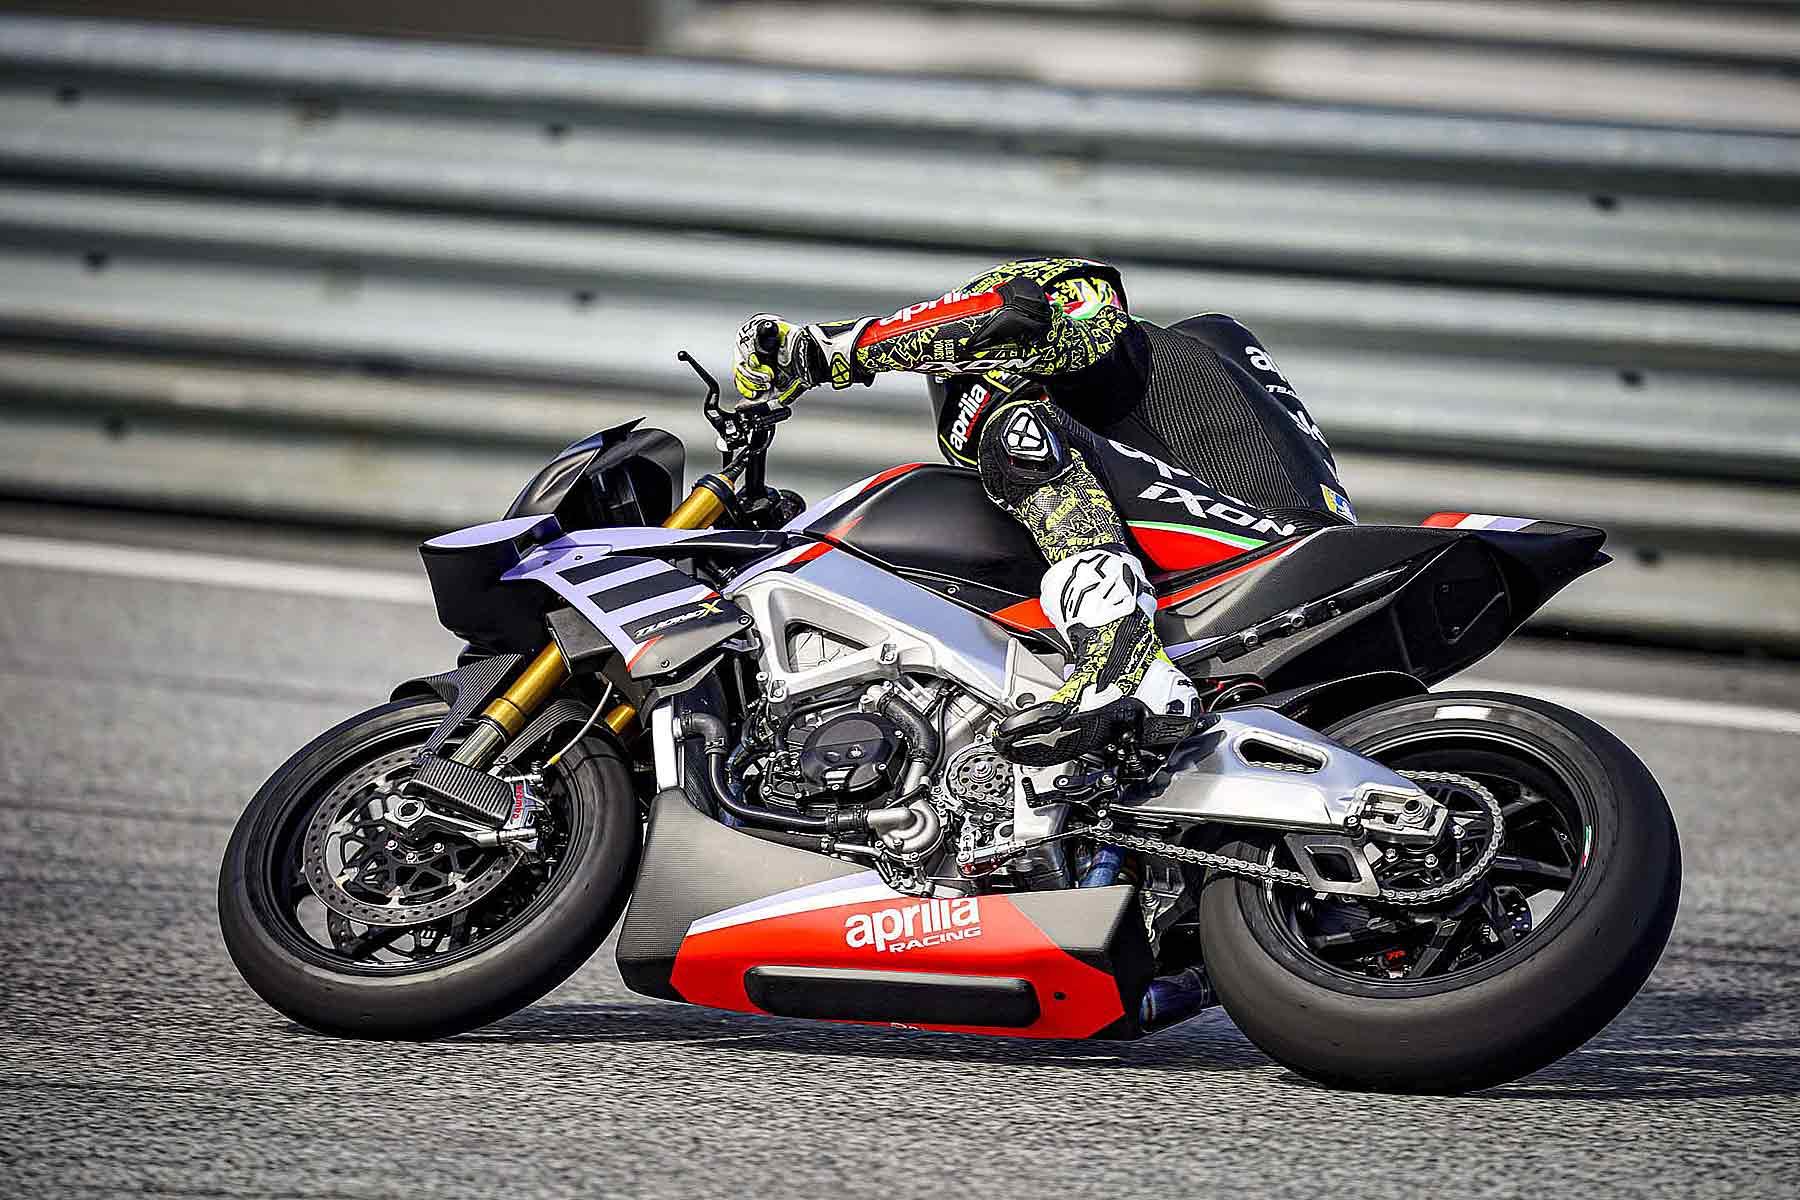 Moto Morini Scrambler 1200 2019   Motoren en Toerisme